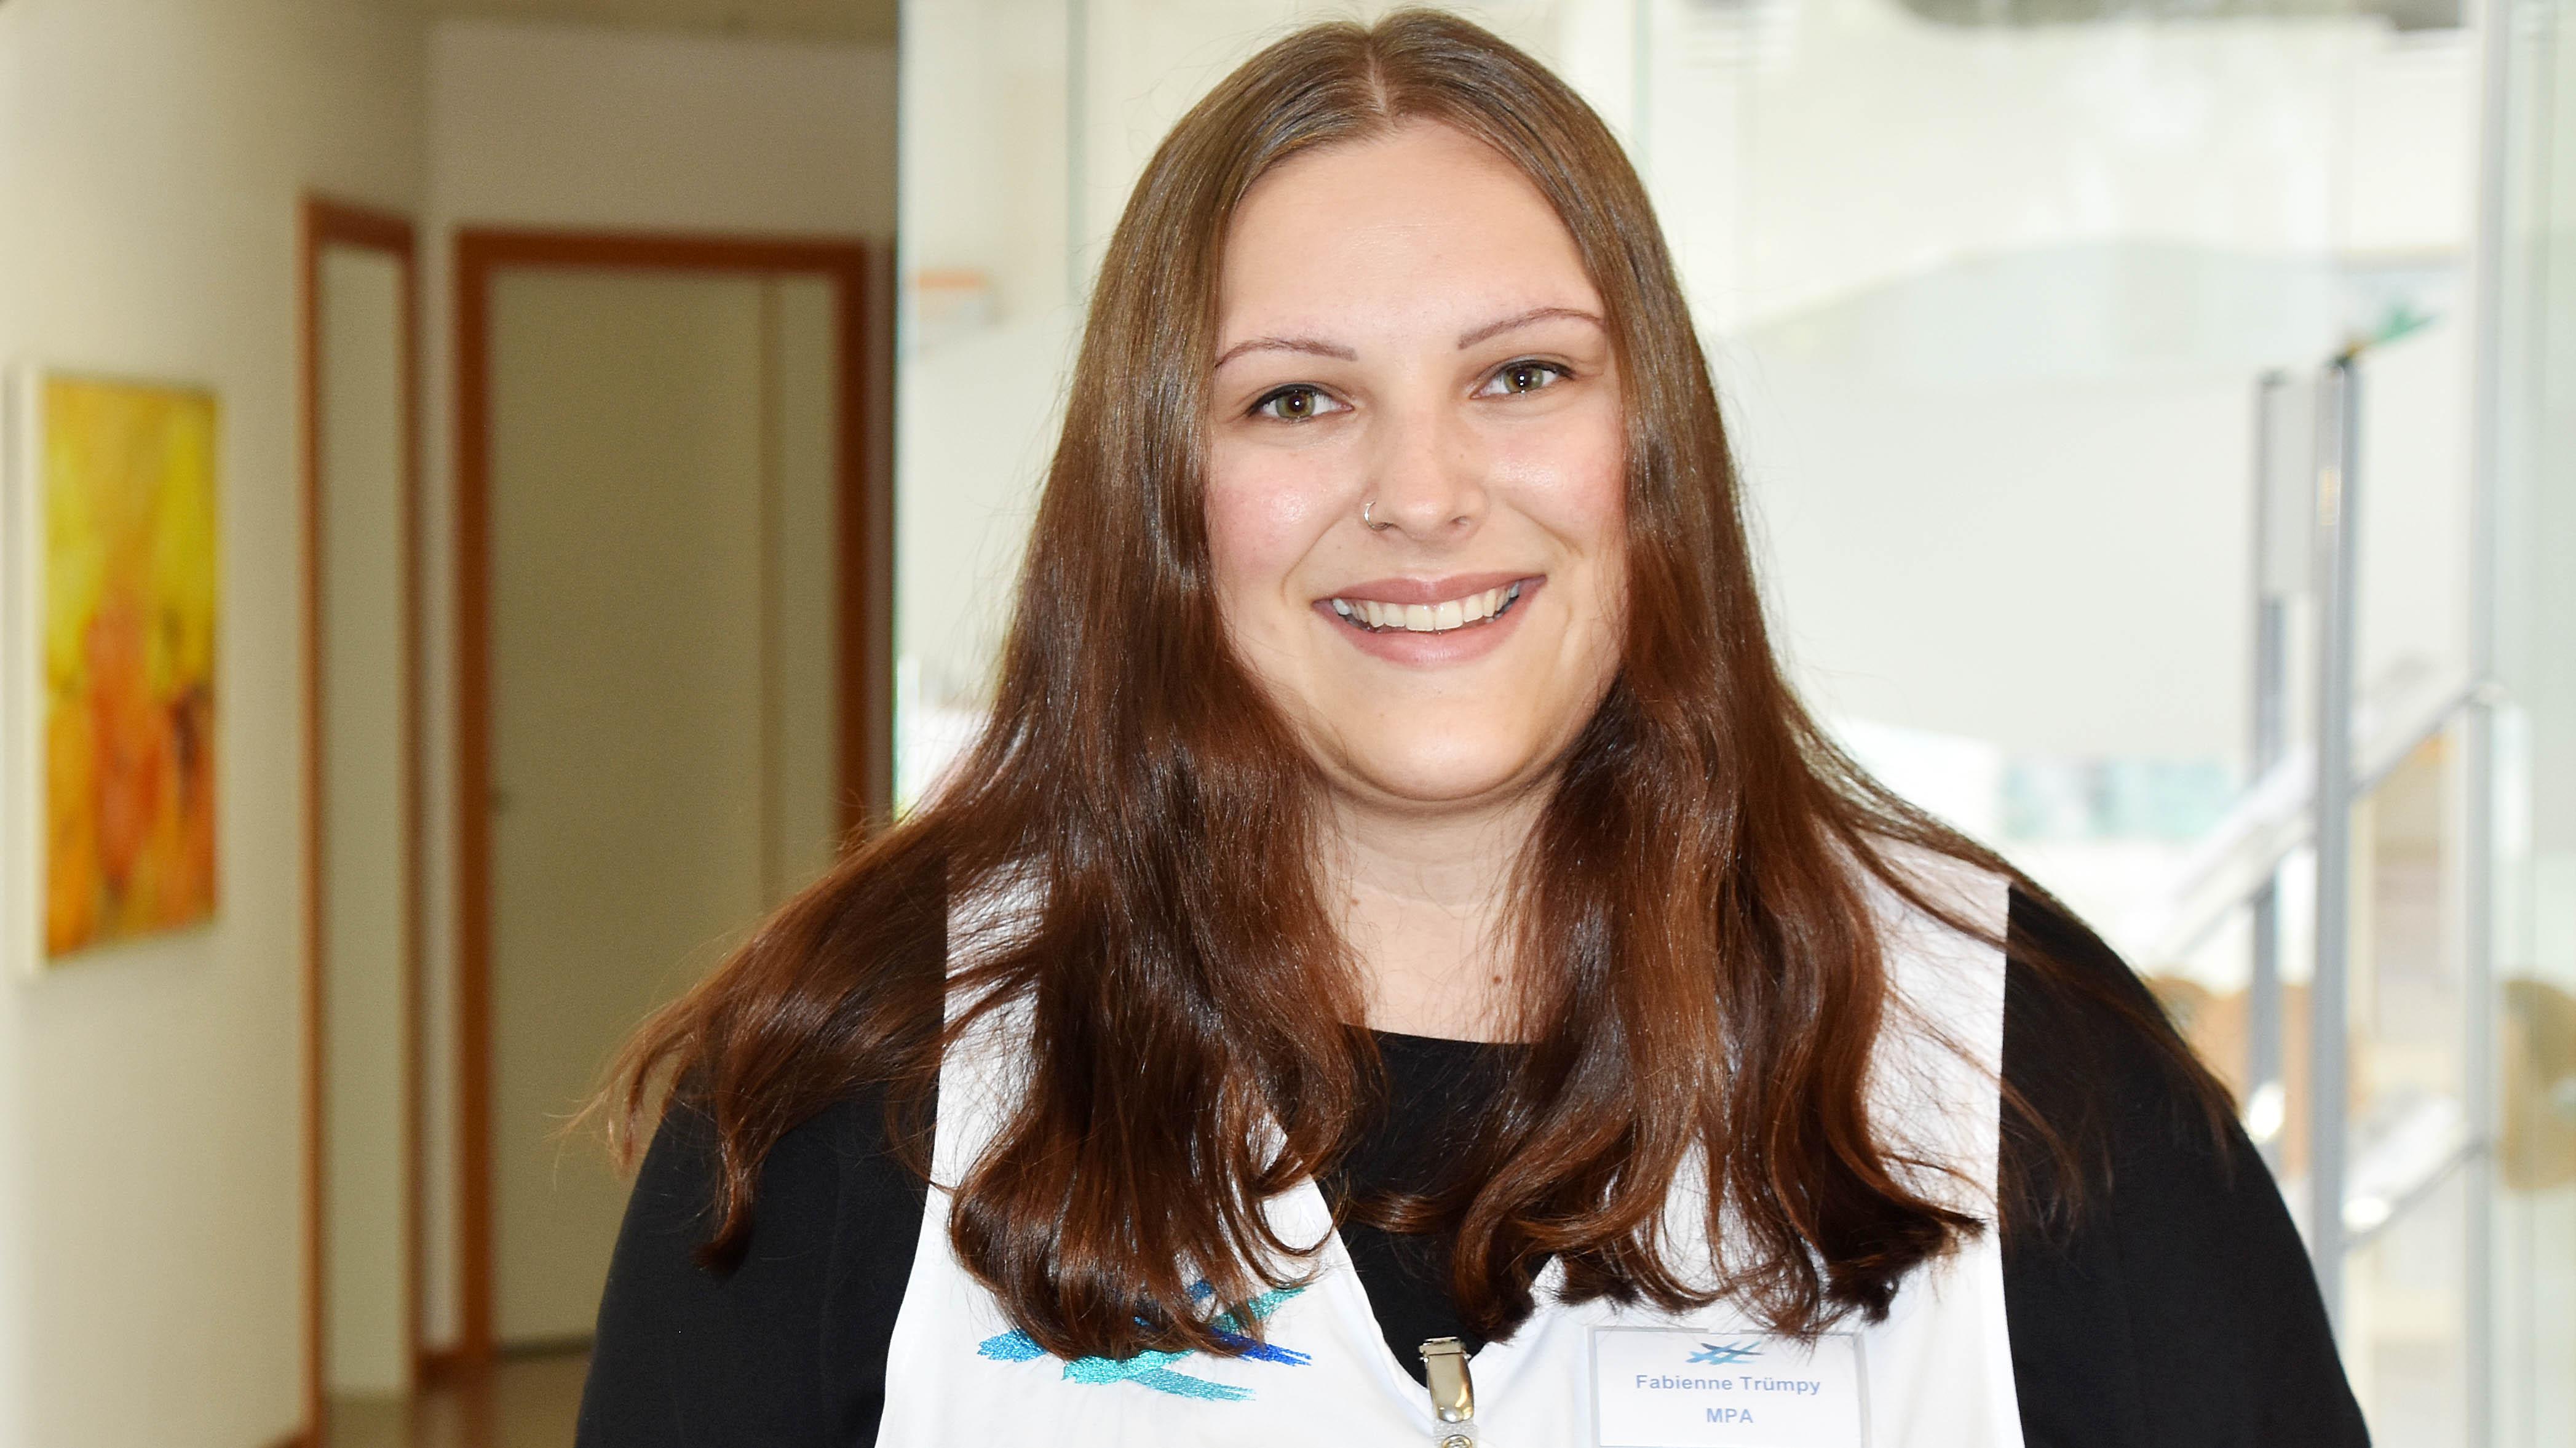 Fabienne Trümpy, MPA, Ernährungsberatung